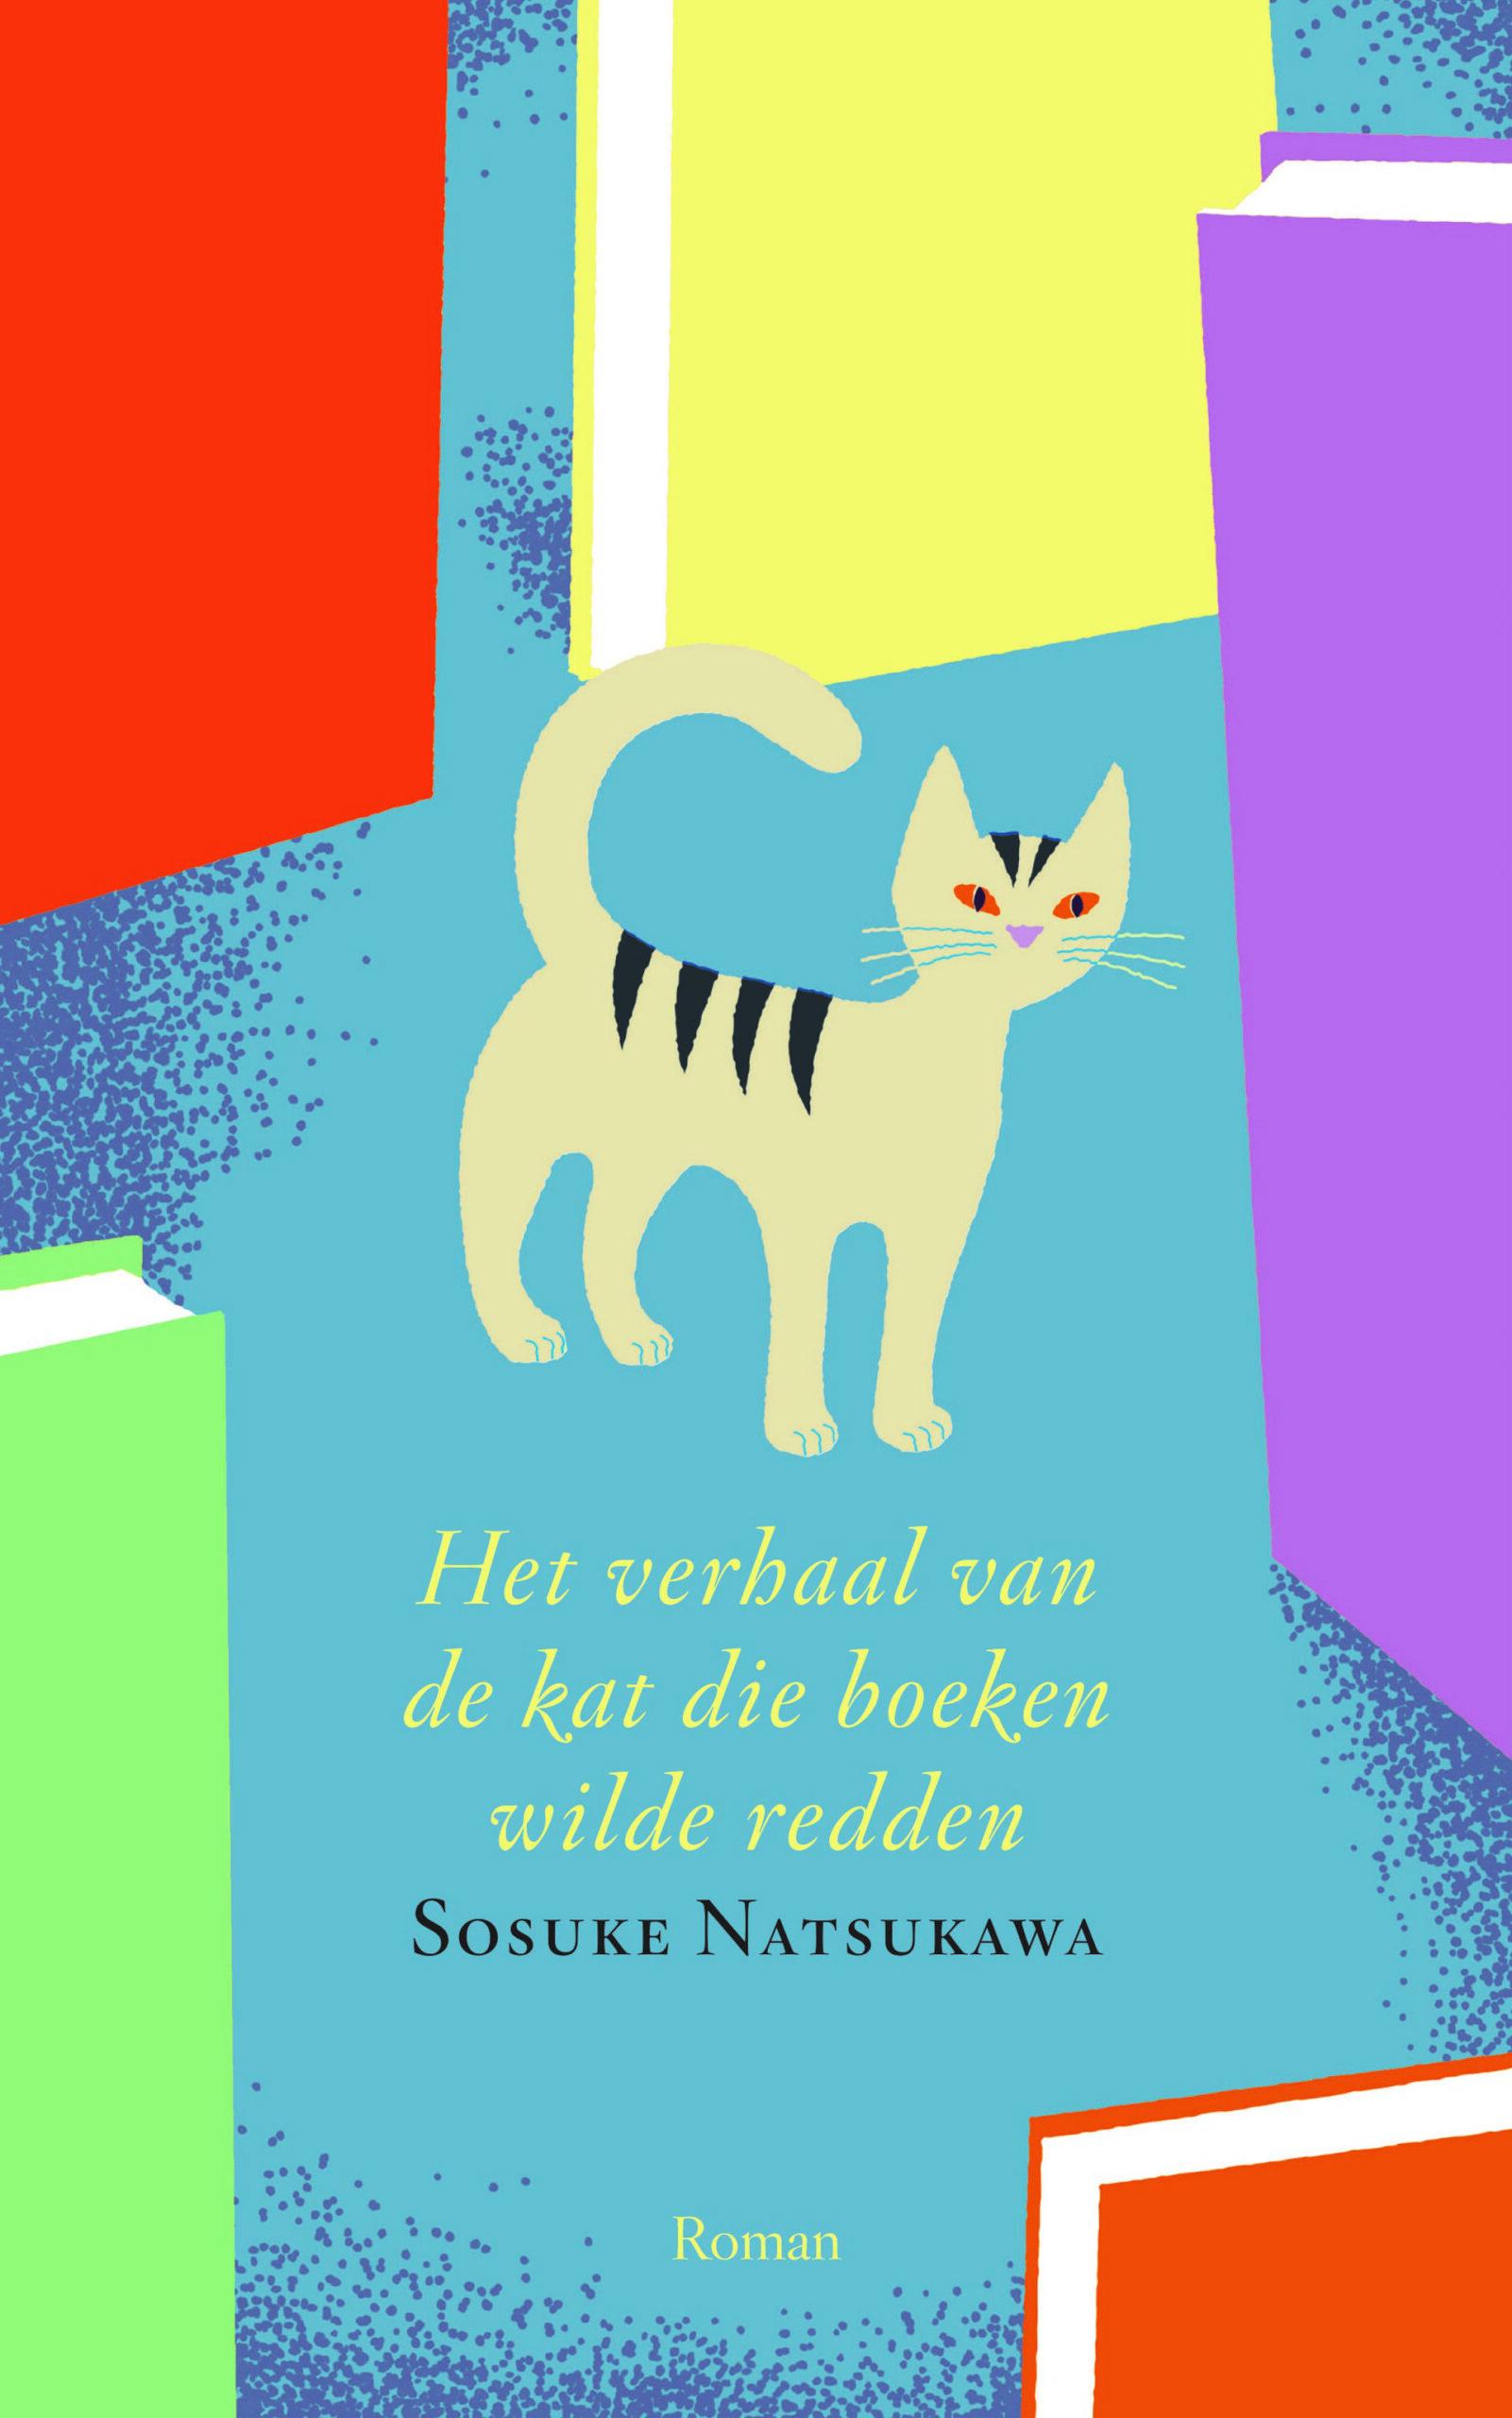 Het verhaal van de kat die boeken wilde redden - boekenflits